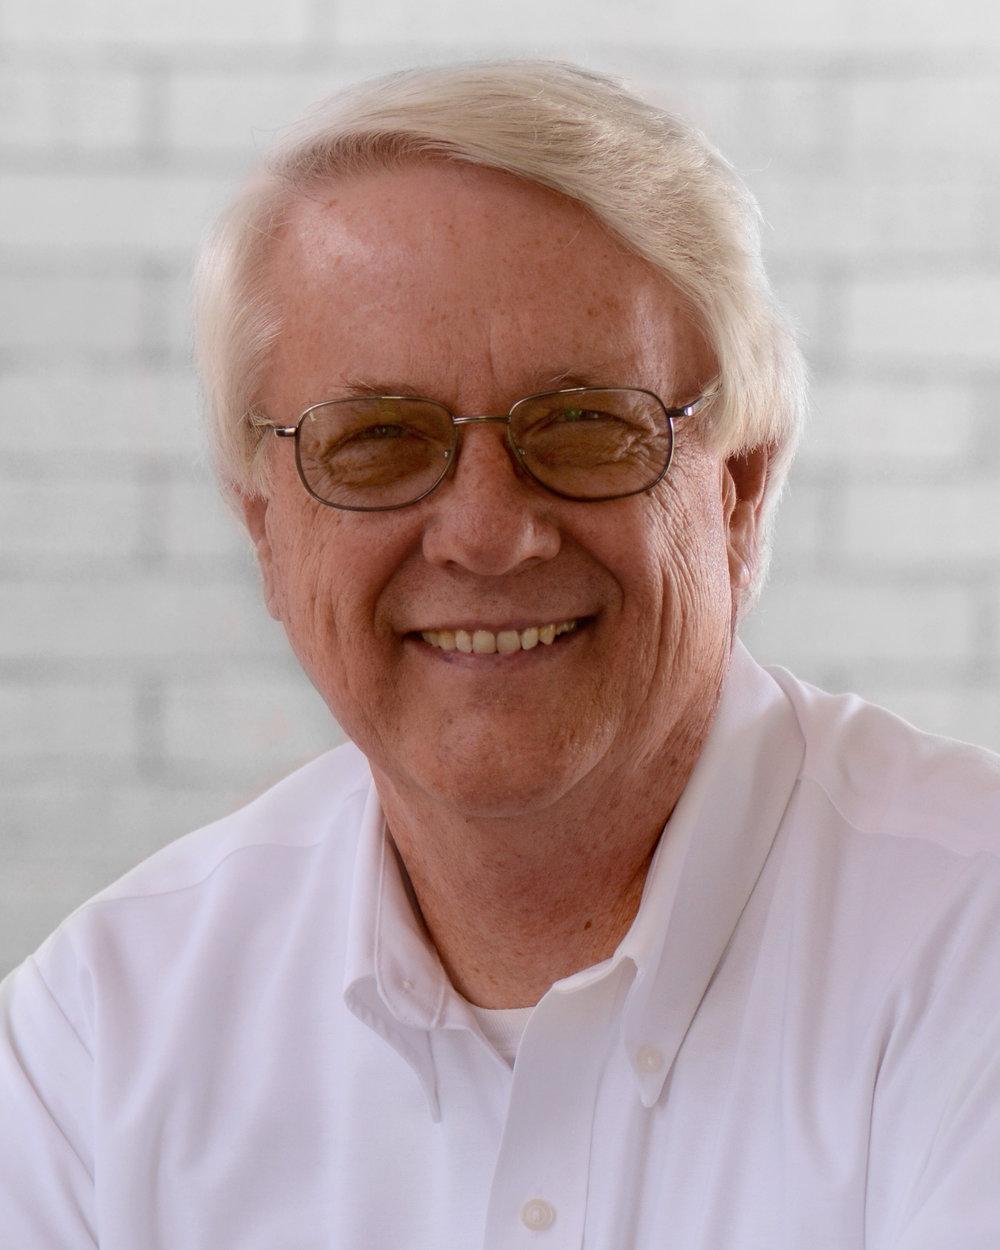 Larry Hendren - *Habla españolDECATUR & VAN BURENlarry.hendren@simfoods.comC: 479.238.4510